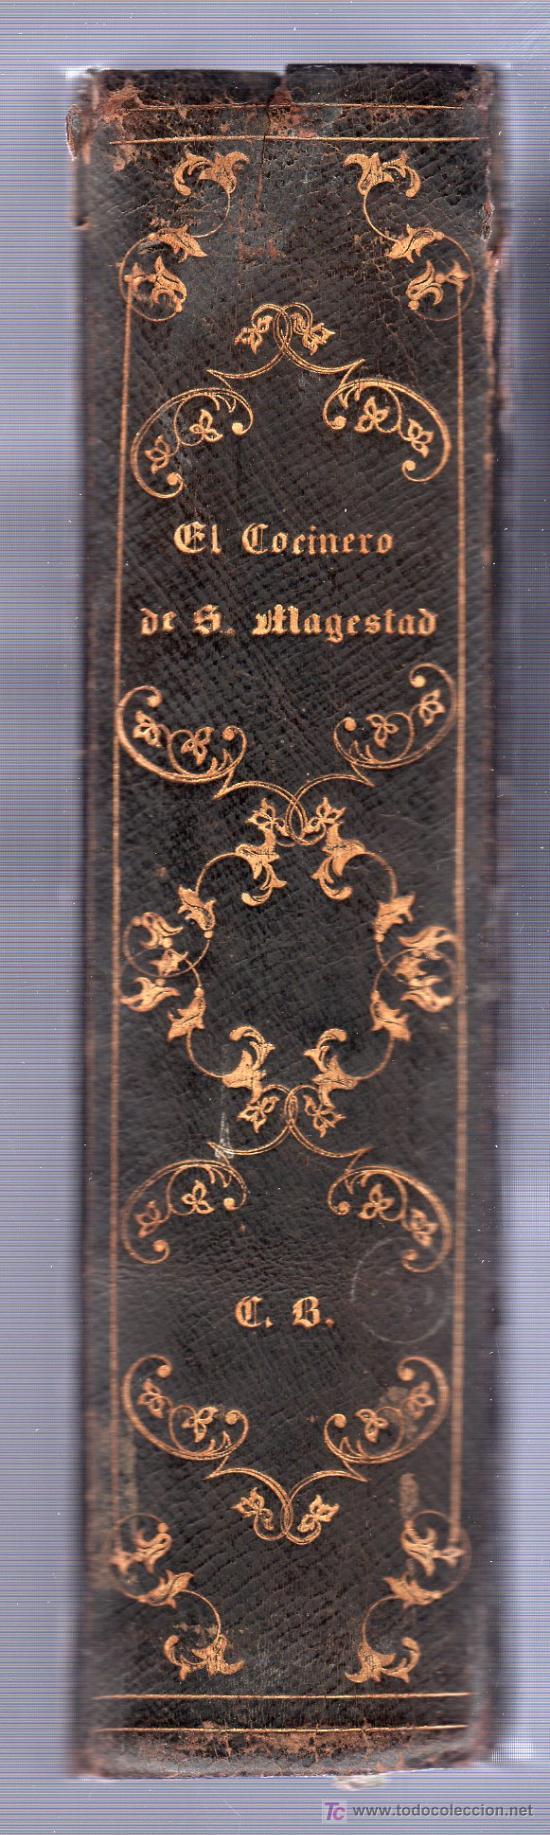 Libros antiguos: EL COCINERO DE SU MAJESTAD. MEMORIAS DEL TIEMPO DE FELIPE III POR FERNANDEZ Y GONZALEZ. MADRID 1857 - Foto 2 - 26532059